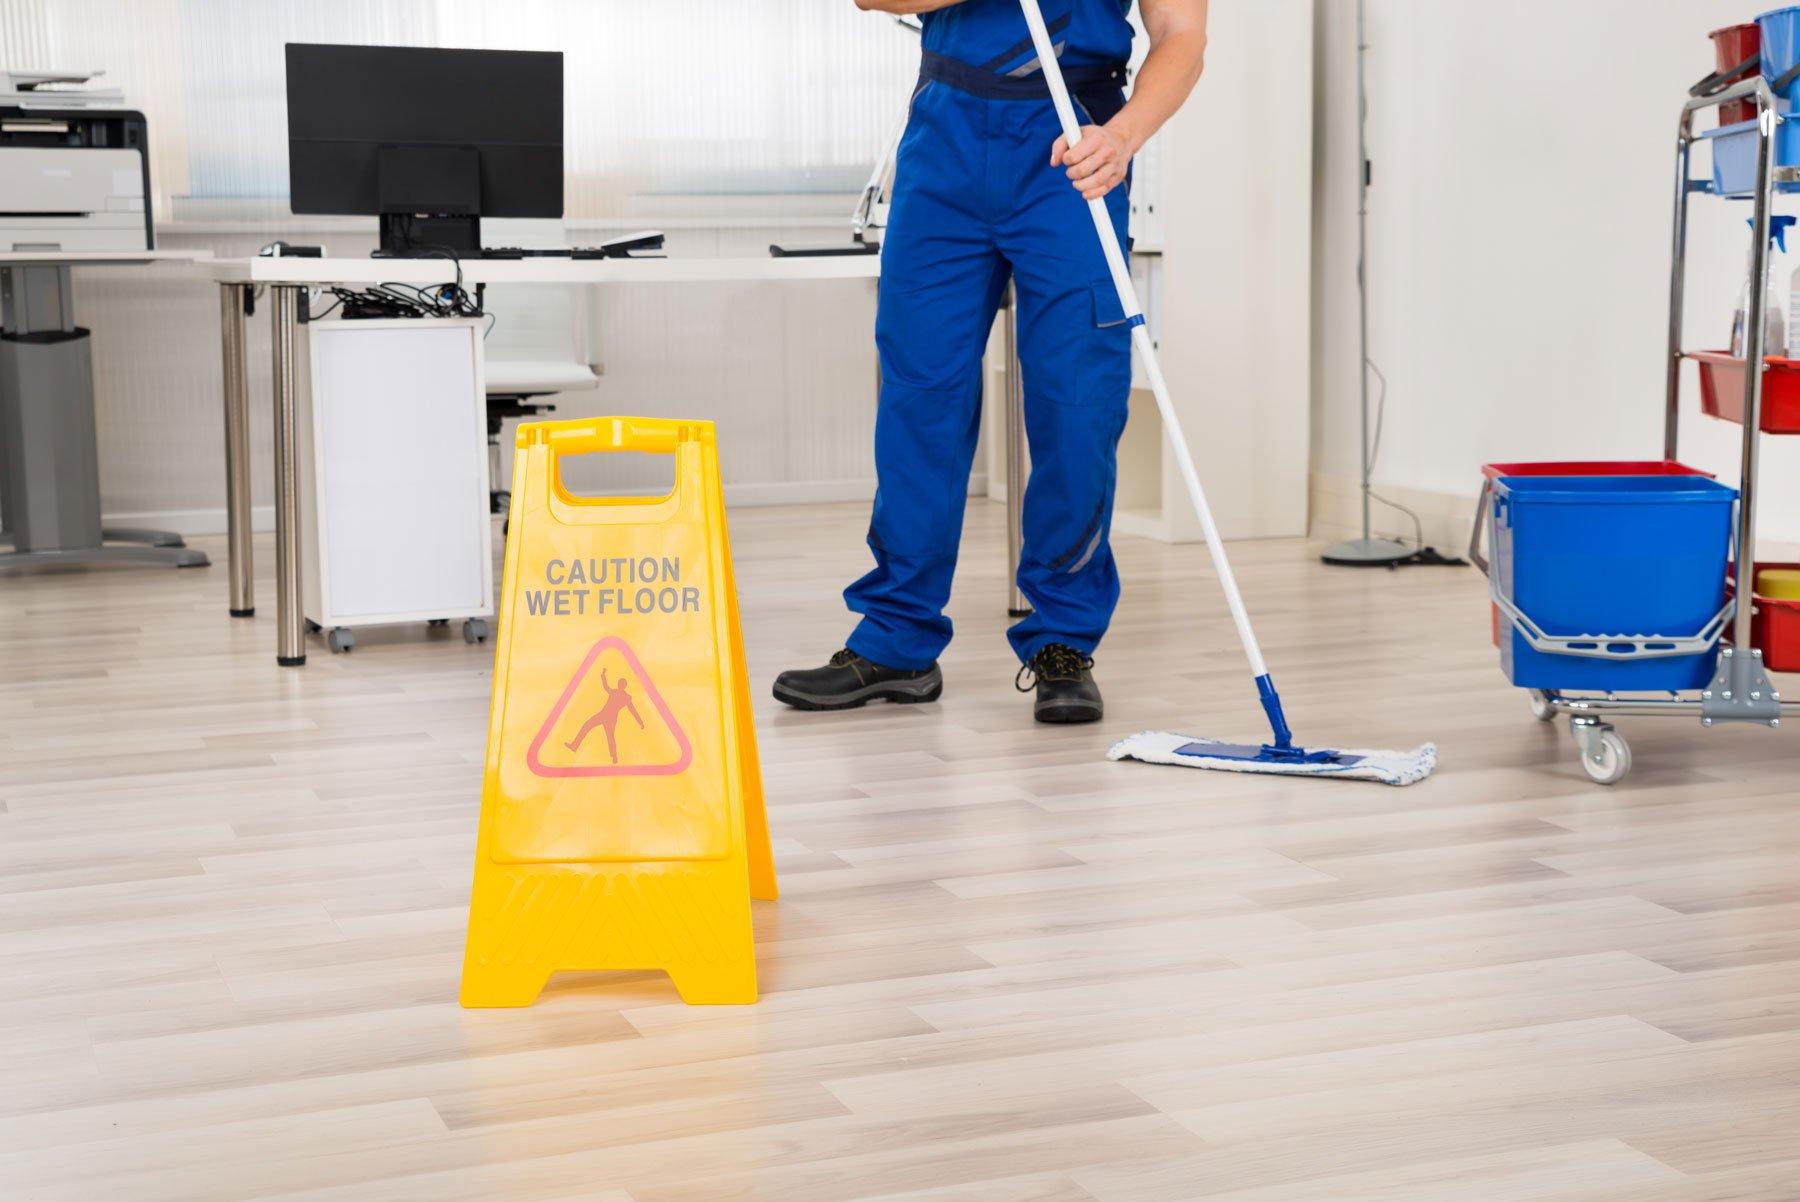 Un uomo pulisce un parquet con un cartello di attenzione per il pavimento bagnato